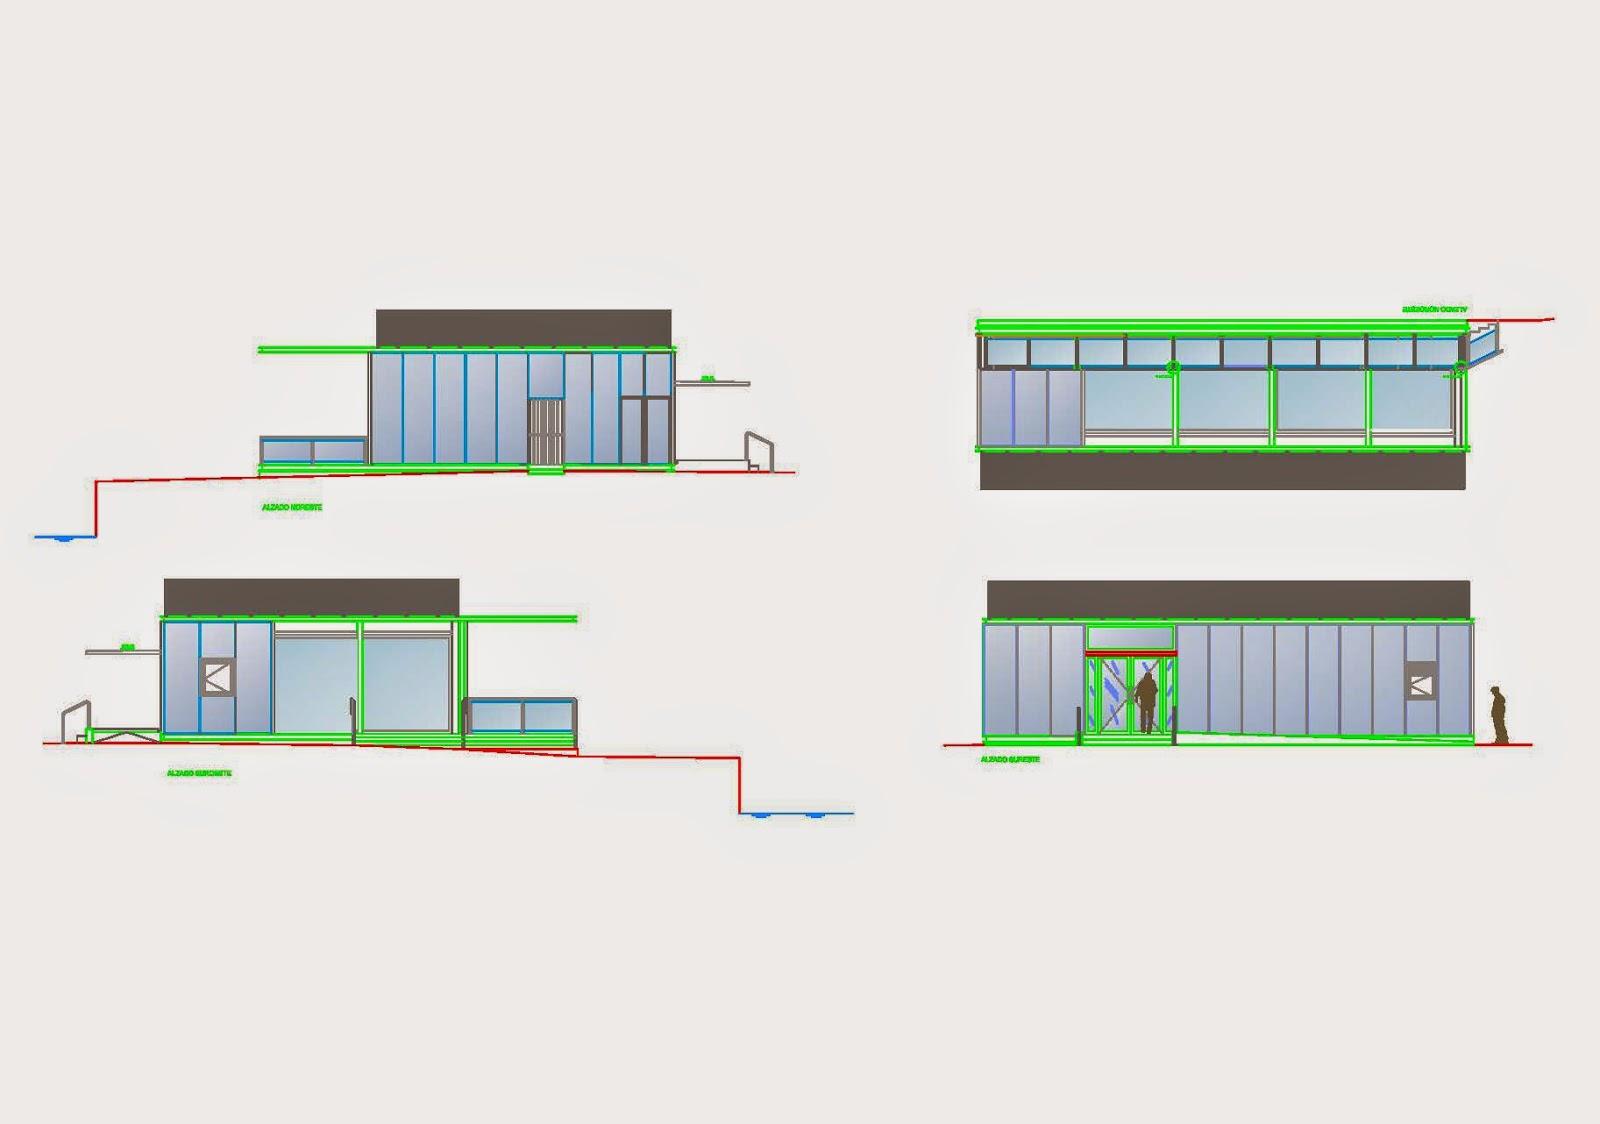 Licencia apertura y legalizacion de instalaciones de for Ingenieria y arquitectura